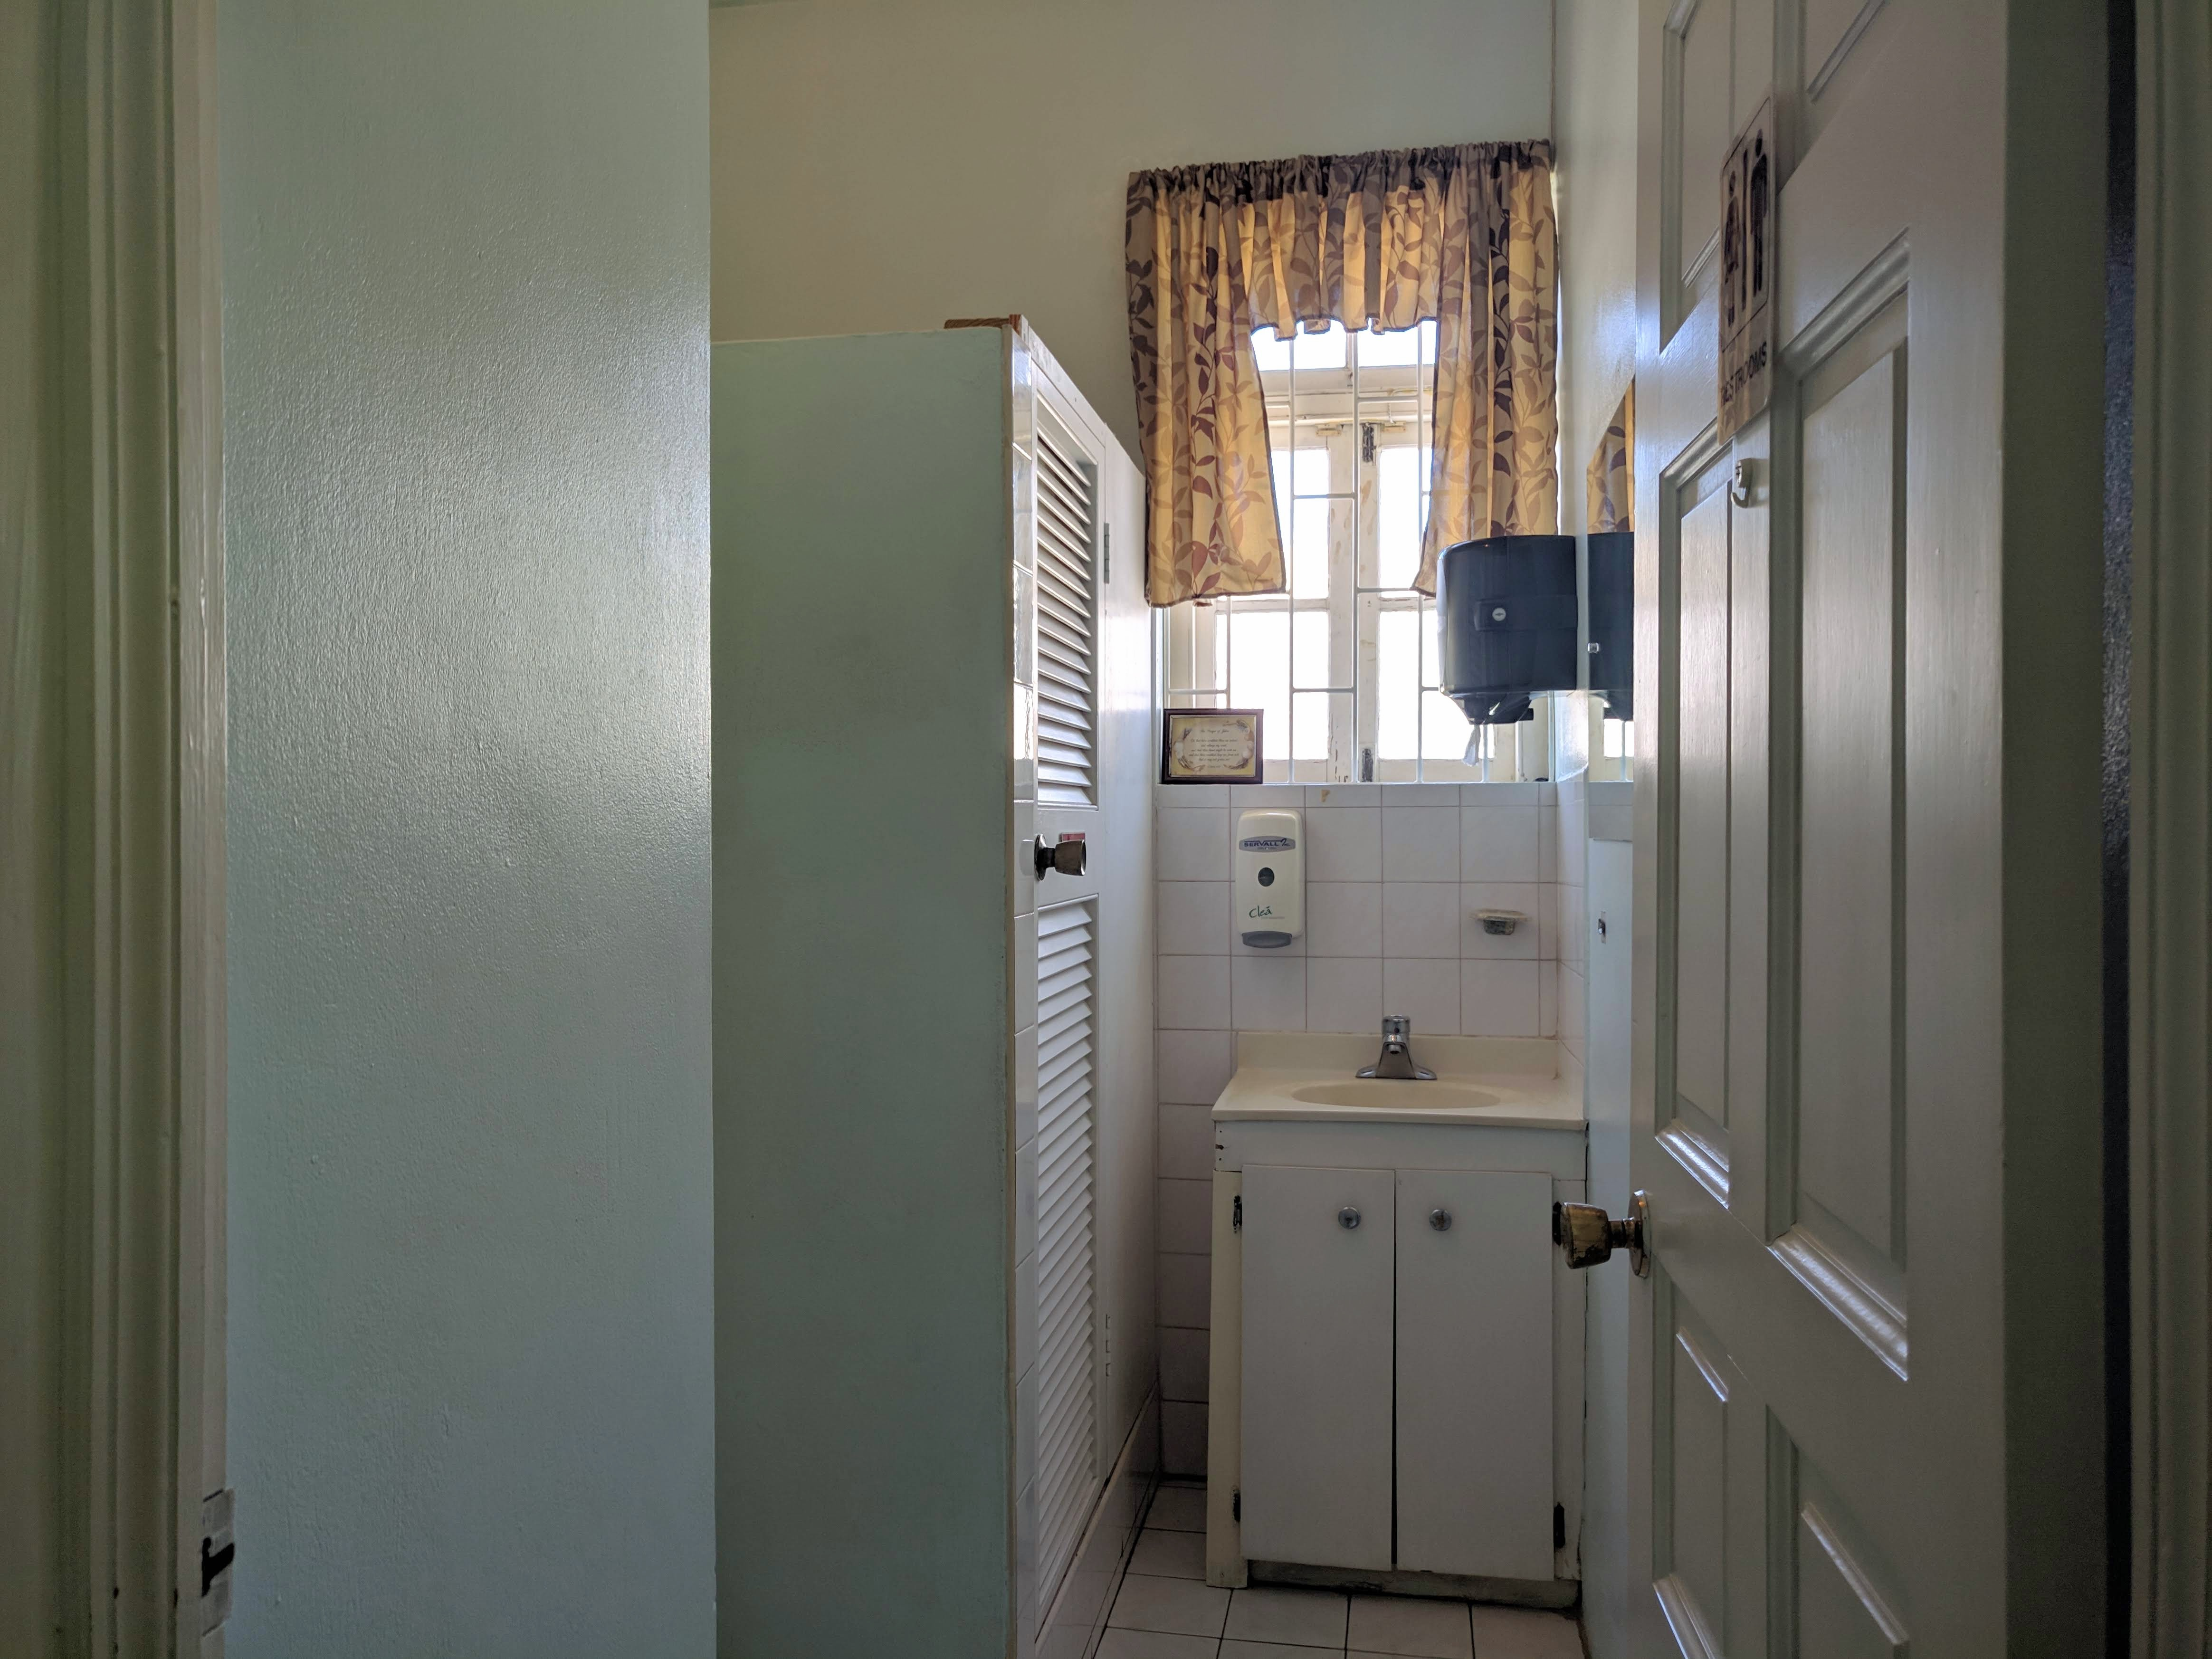 Washroom, Welches, St. Michael